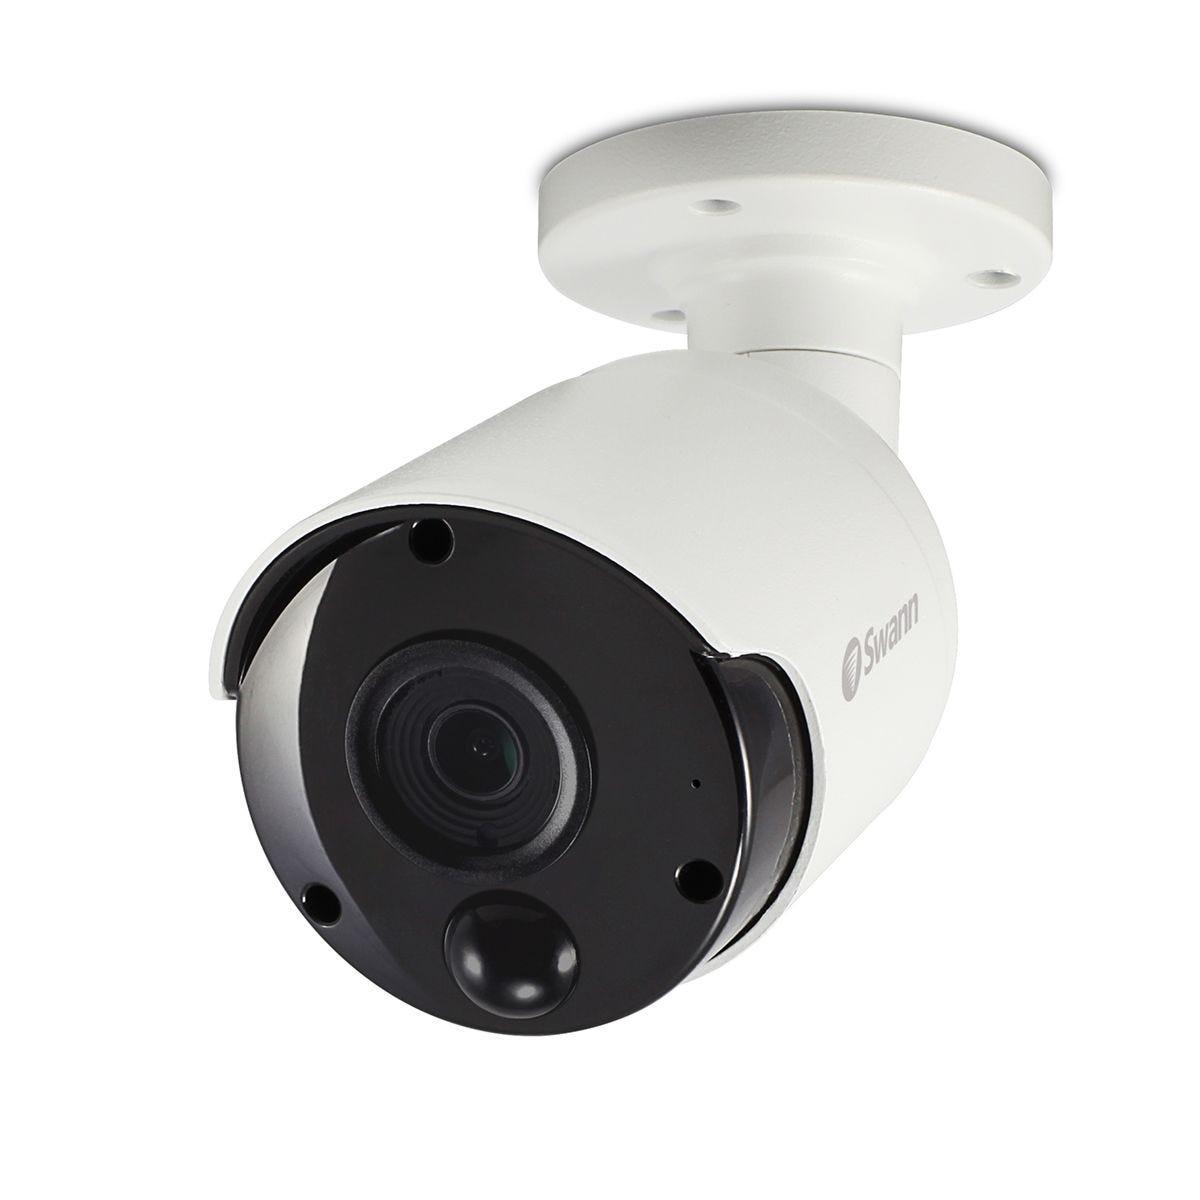 Swann 4K Ultra HD Bullet Cameras - Single Camera